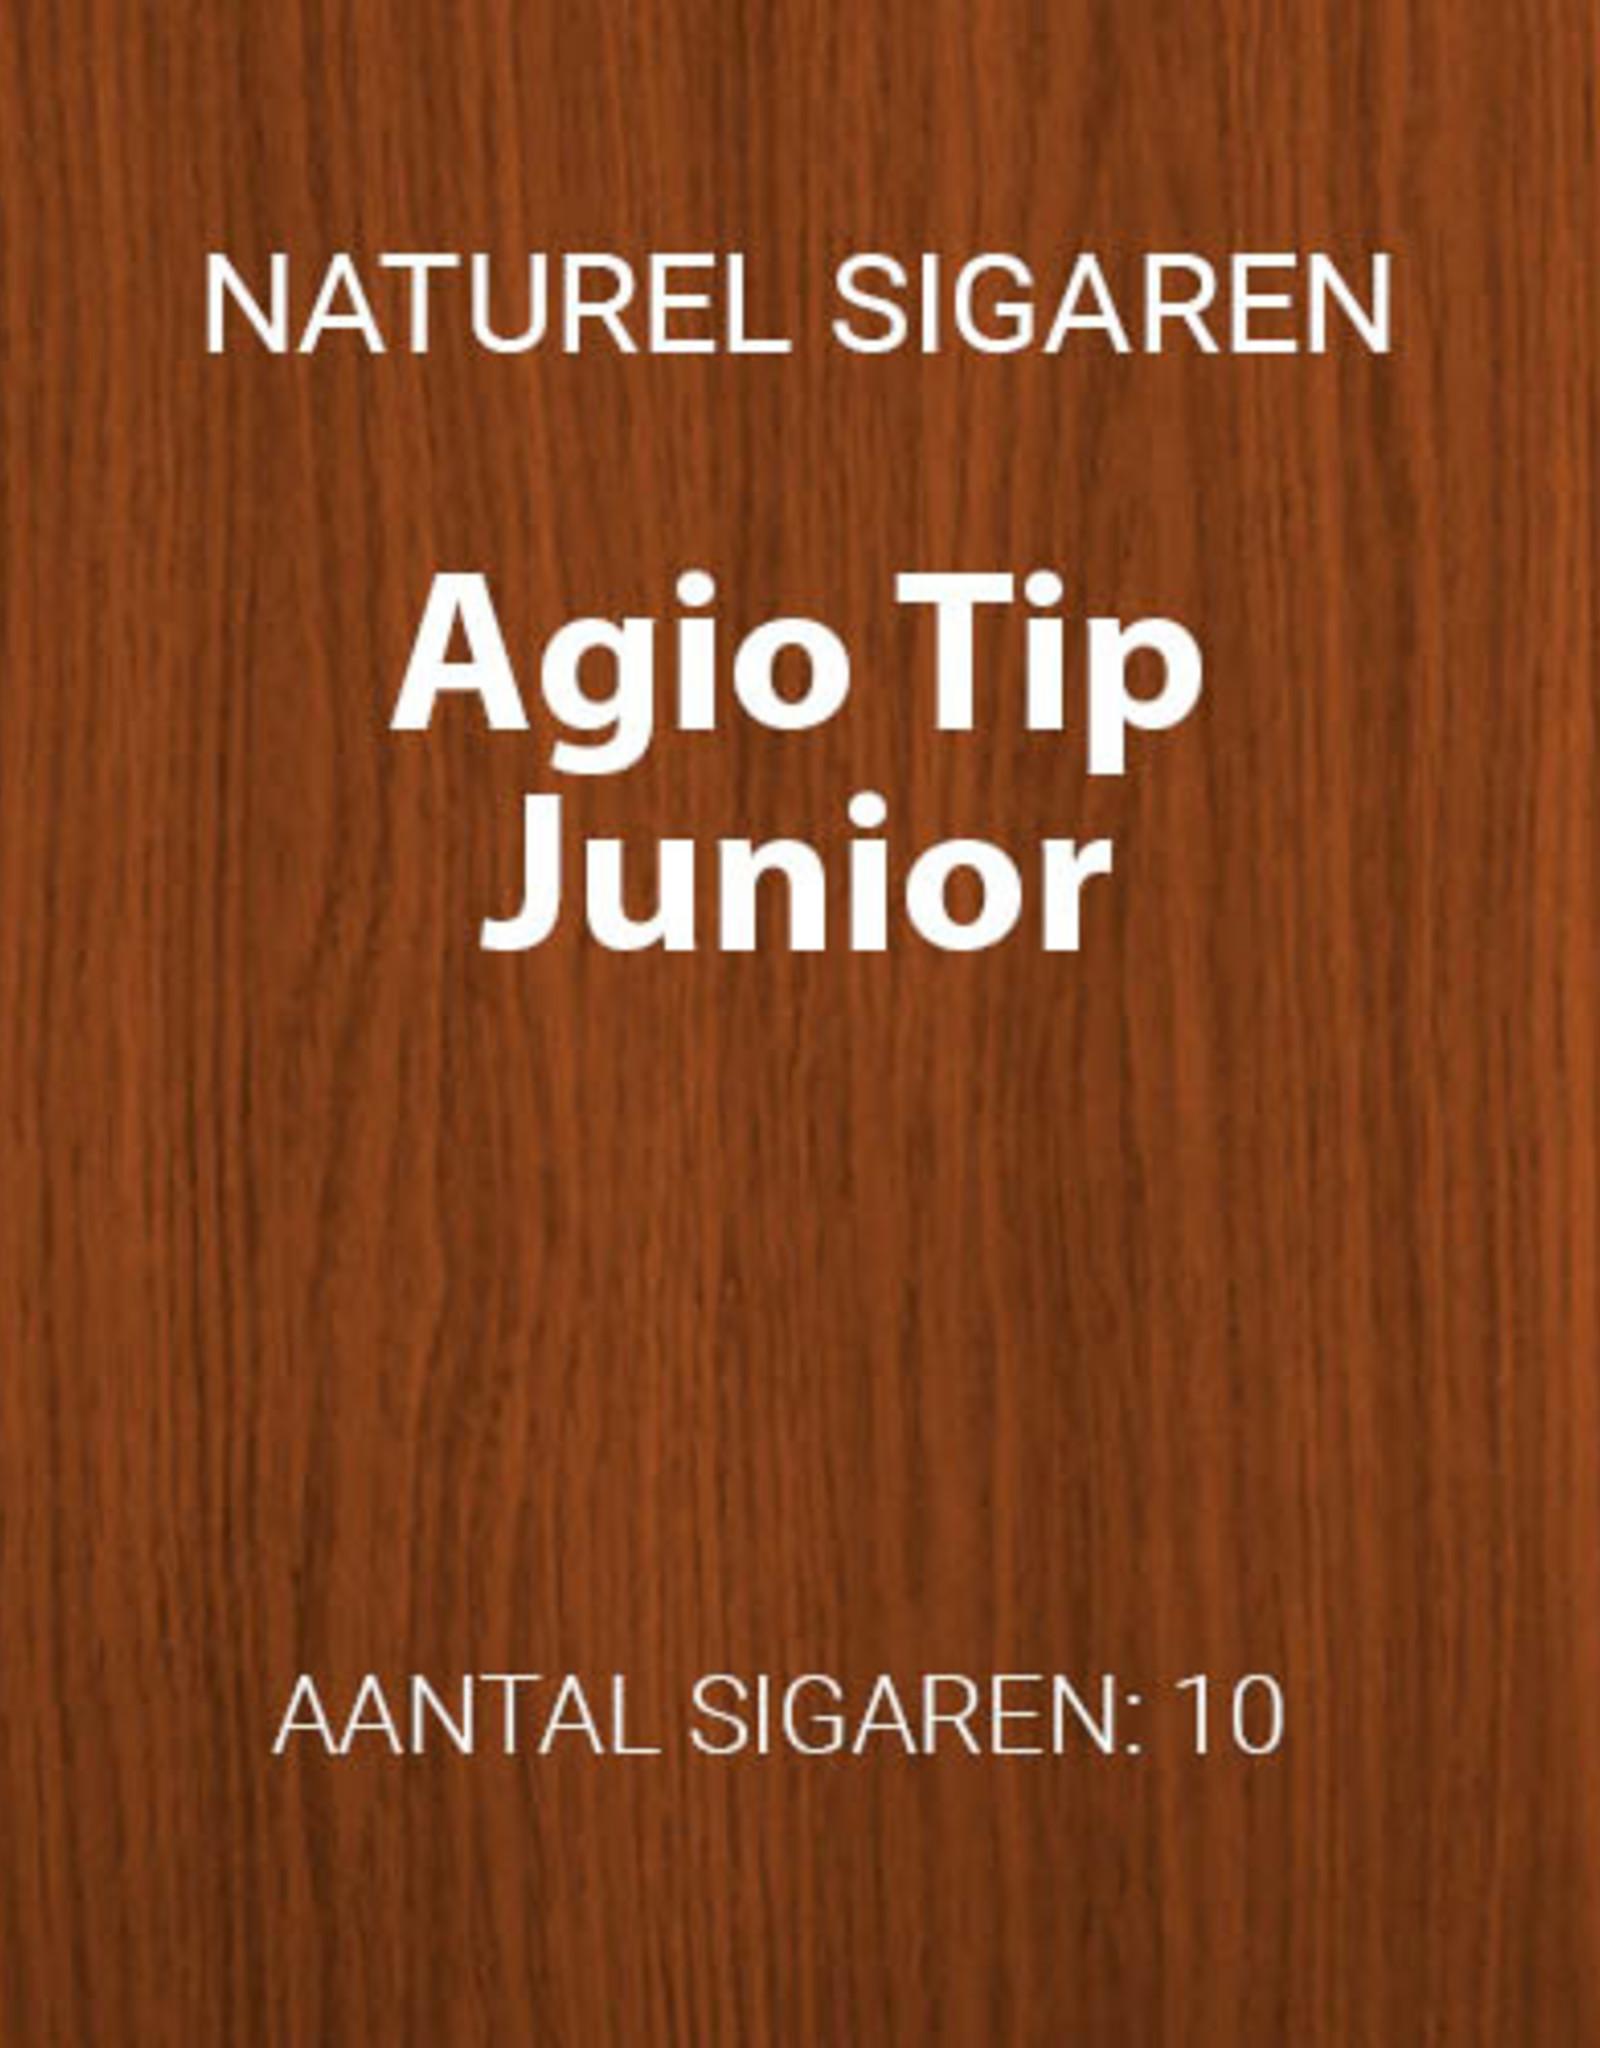 Agio Tip Junior